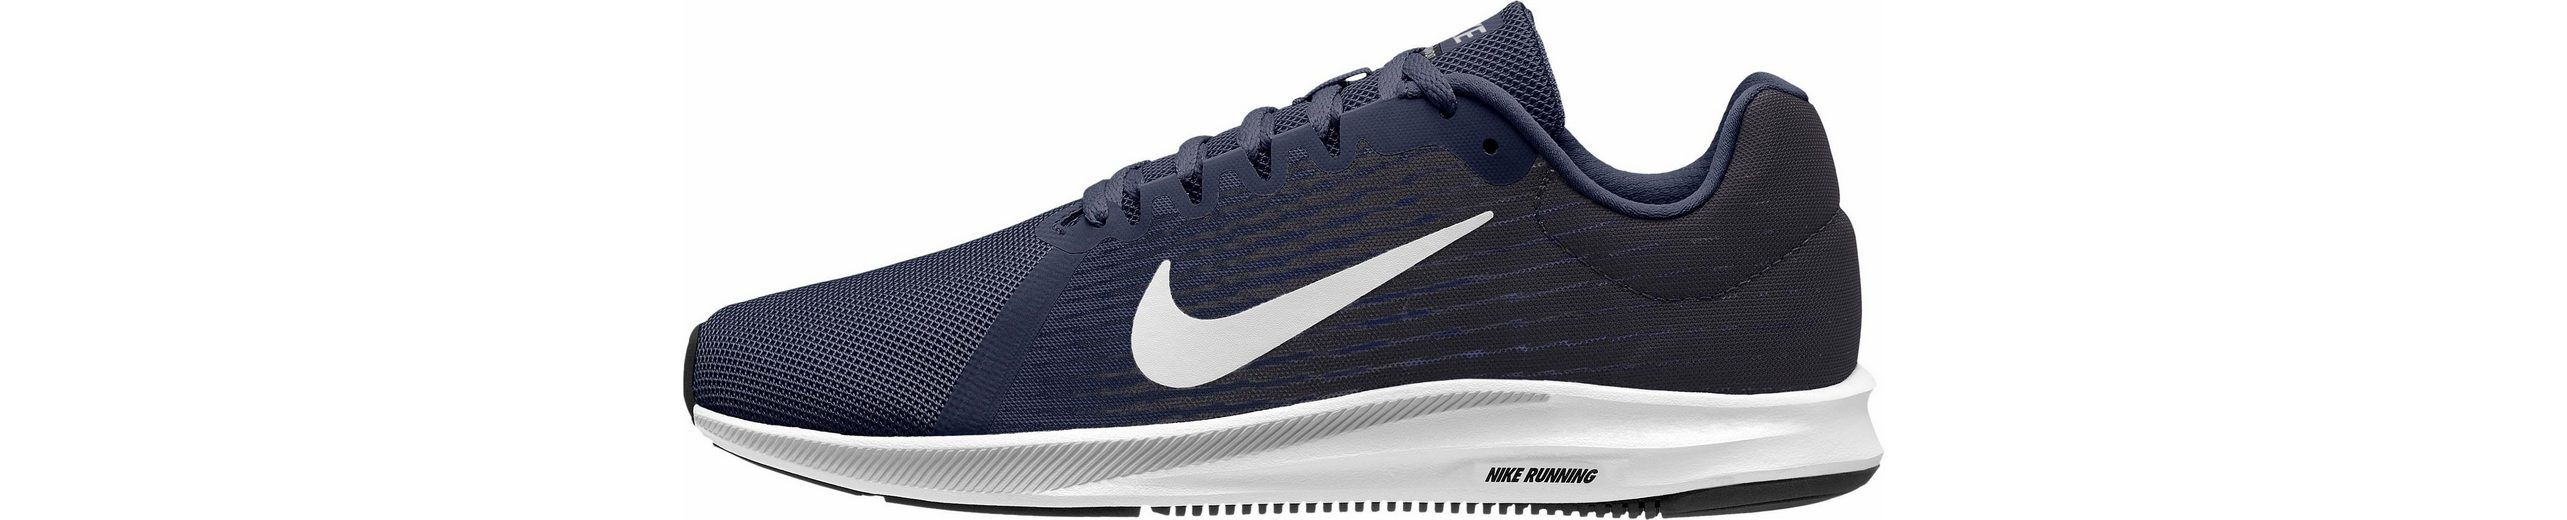 Nike Downshifter 8 Laufschuh